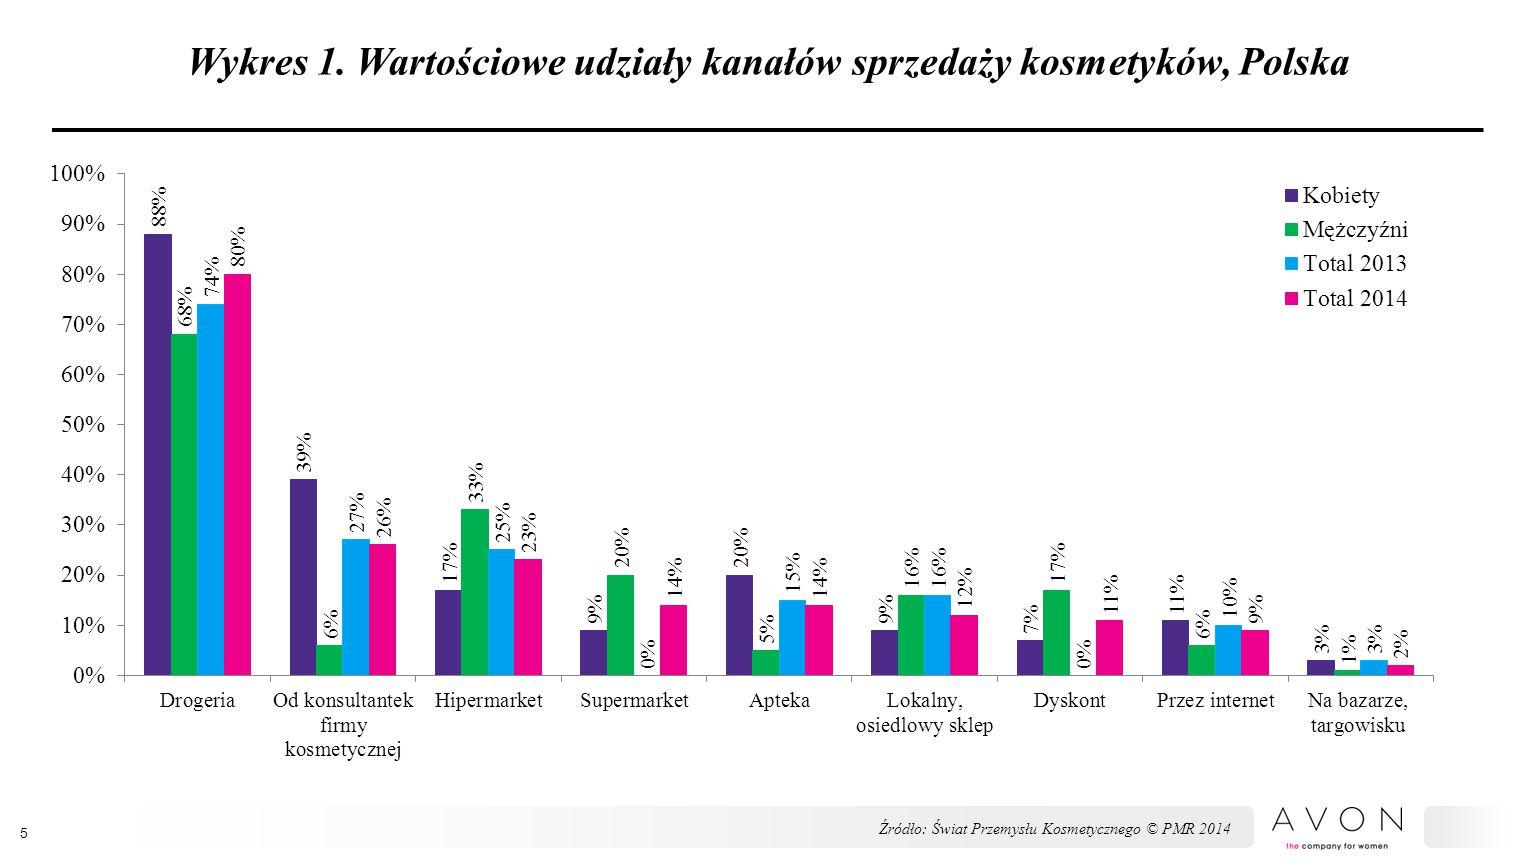 Wykres 1. Wartościowe udziały kanałów sprzedaży kosmetyków, Polska 5 Źródło: Świat Przemysłu Kosmetycznego © PMR 2014